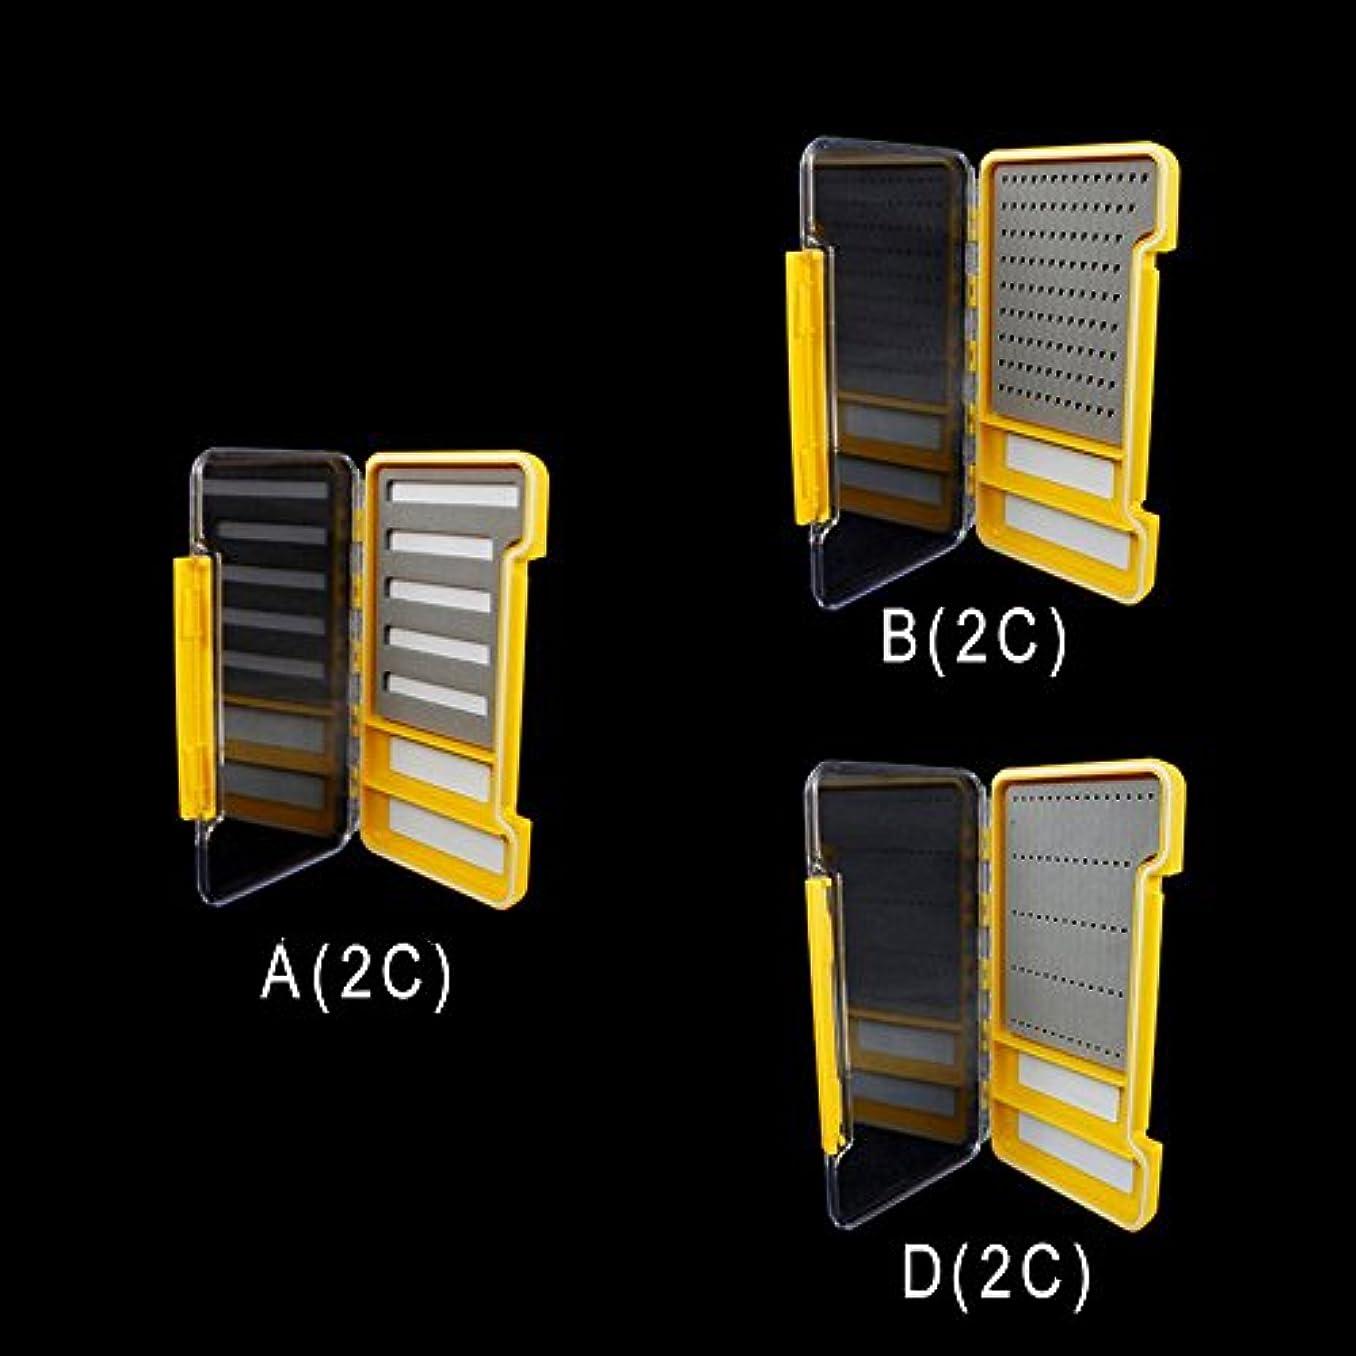 うませっかち休憩riverruns 3つカラー選択肢2磁気コンパートメントスーパースリム&透明100 %防水フライフィッシングボックス – Great to Store Hooks/Flies Bait/Swivels